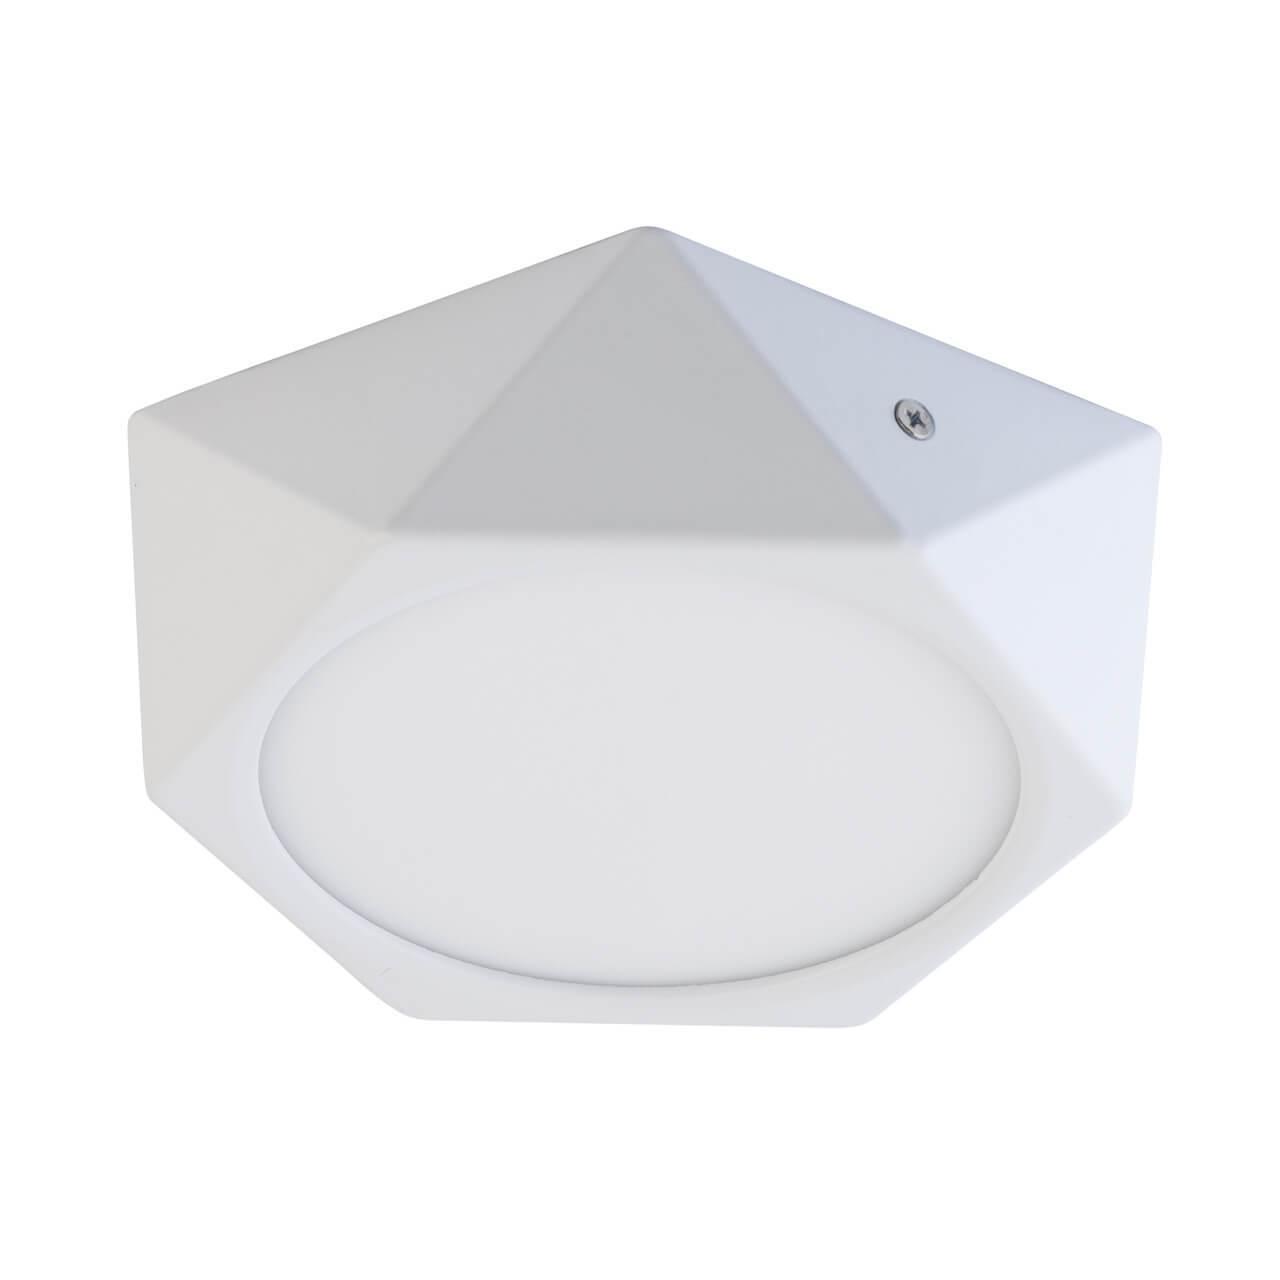 Потолочный светодиодный светильник De Markt Стаут 4 702011201